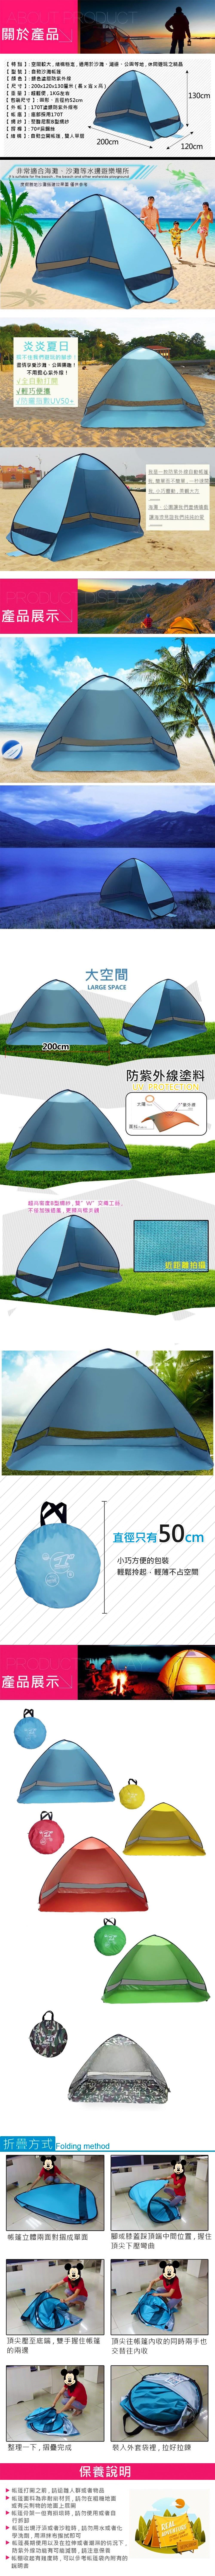 遮陽 抗UV 速開沙灘帳篷 1